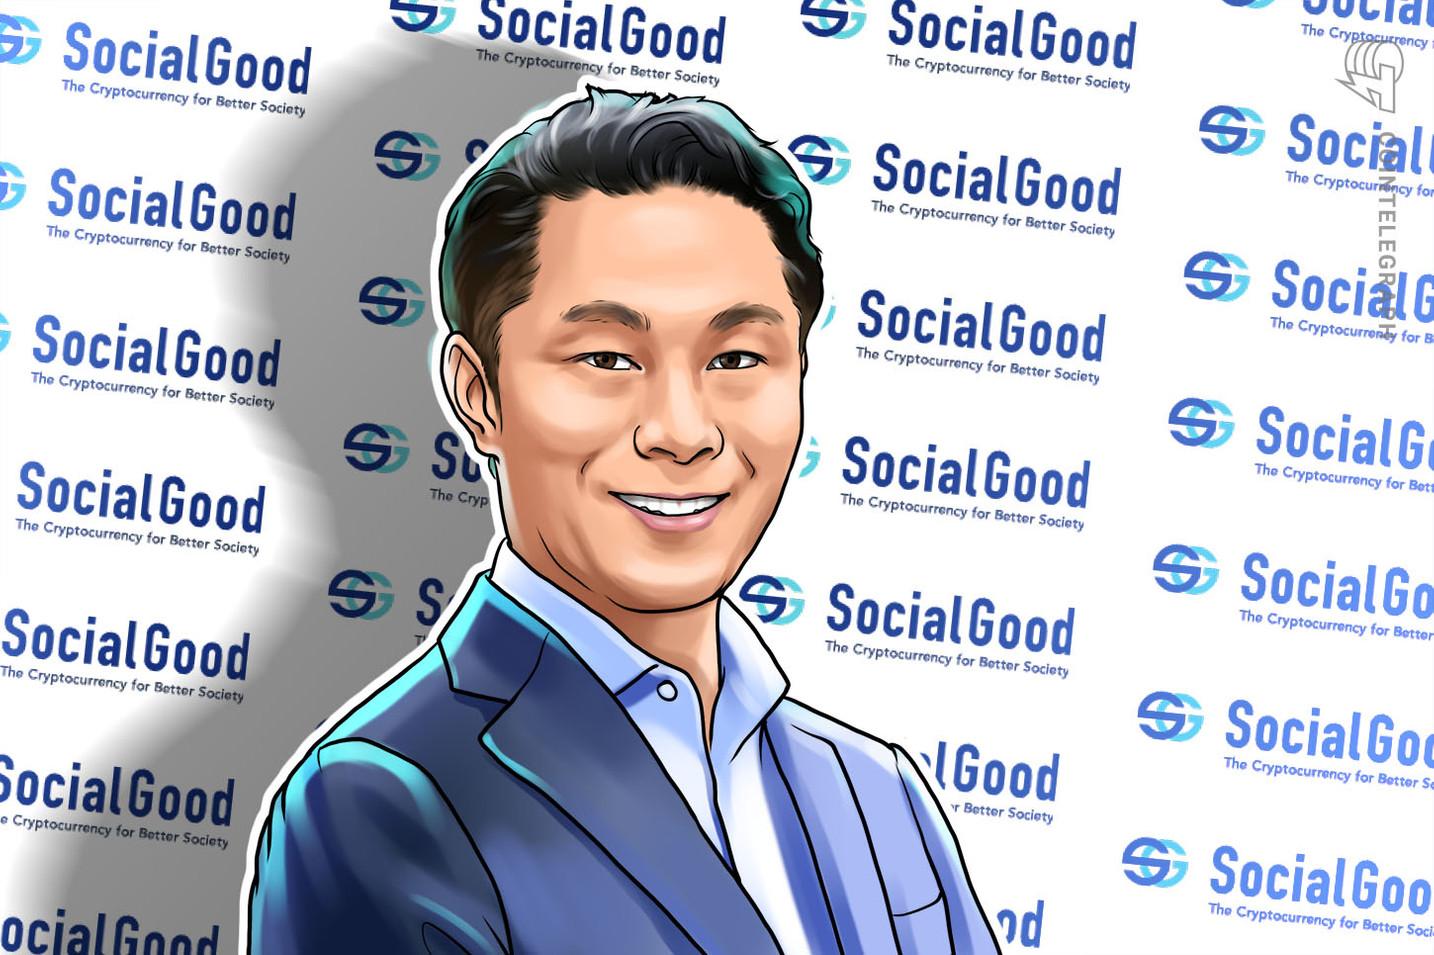 高岡壮一郎社長が明かす暗号資産SocialGood購入メリットと社会的インパクト